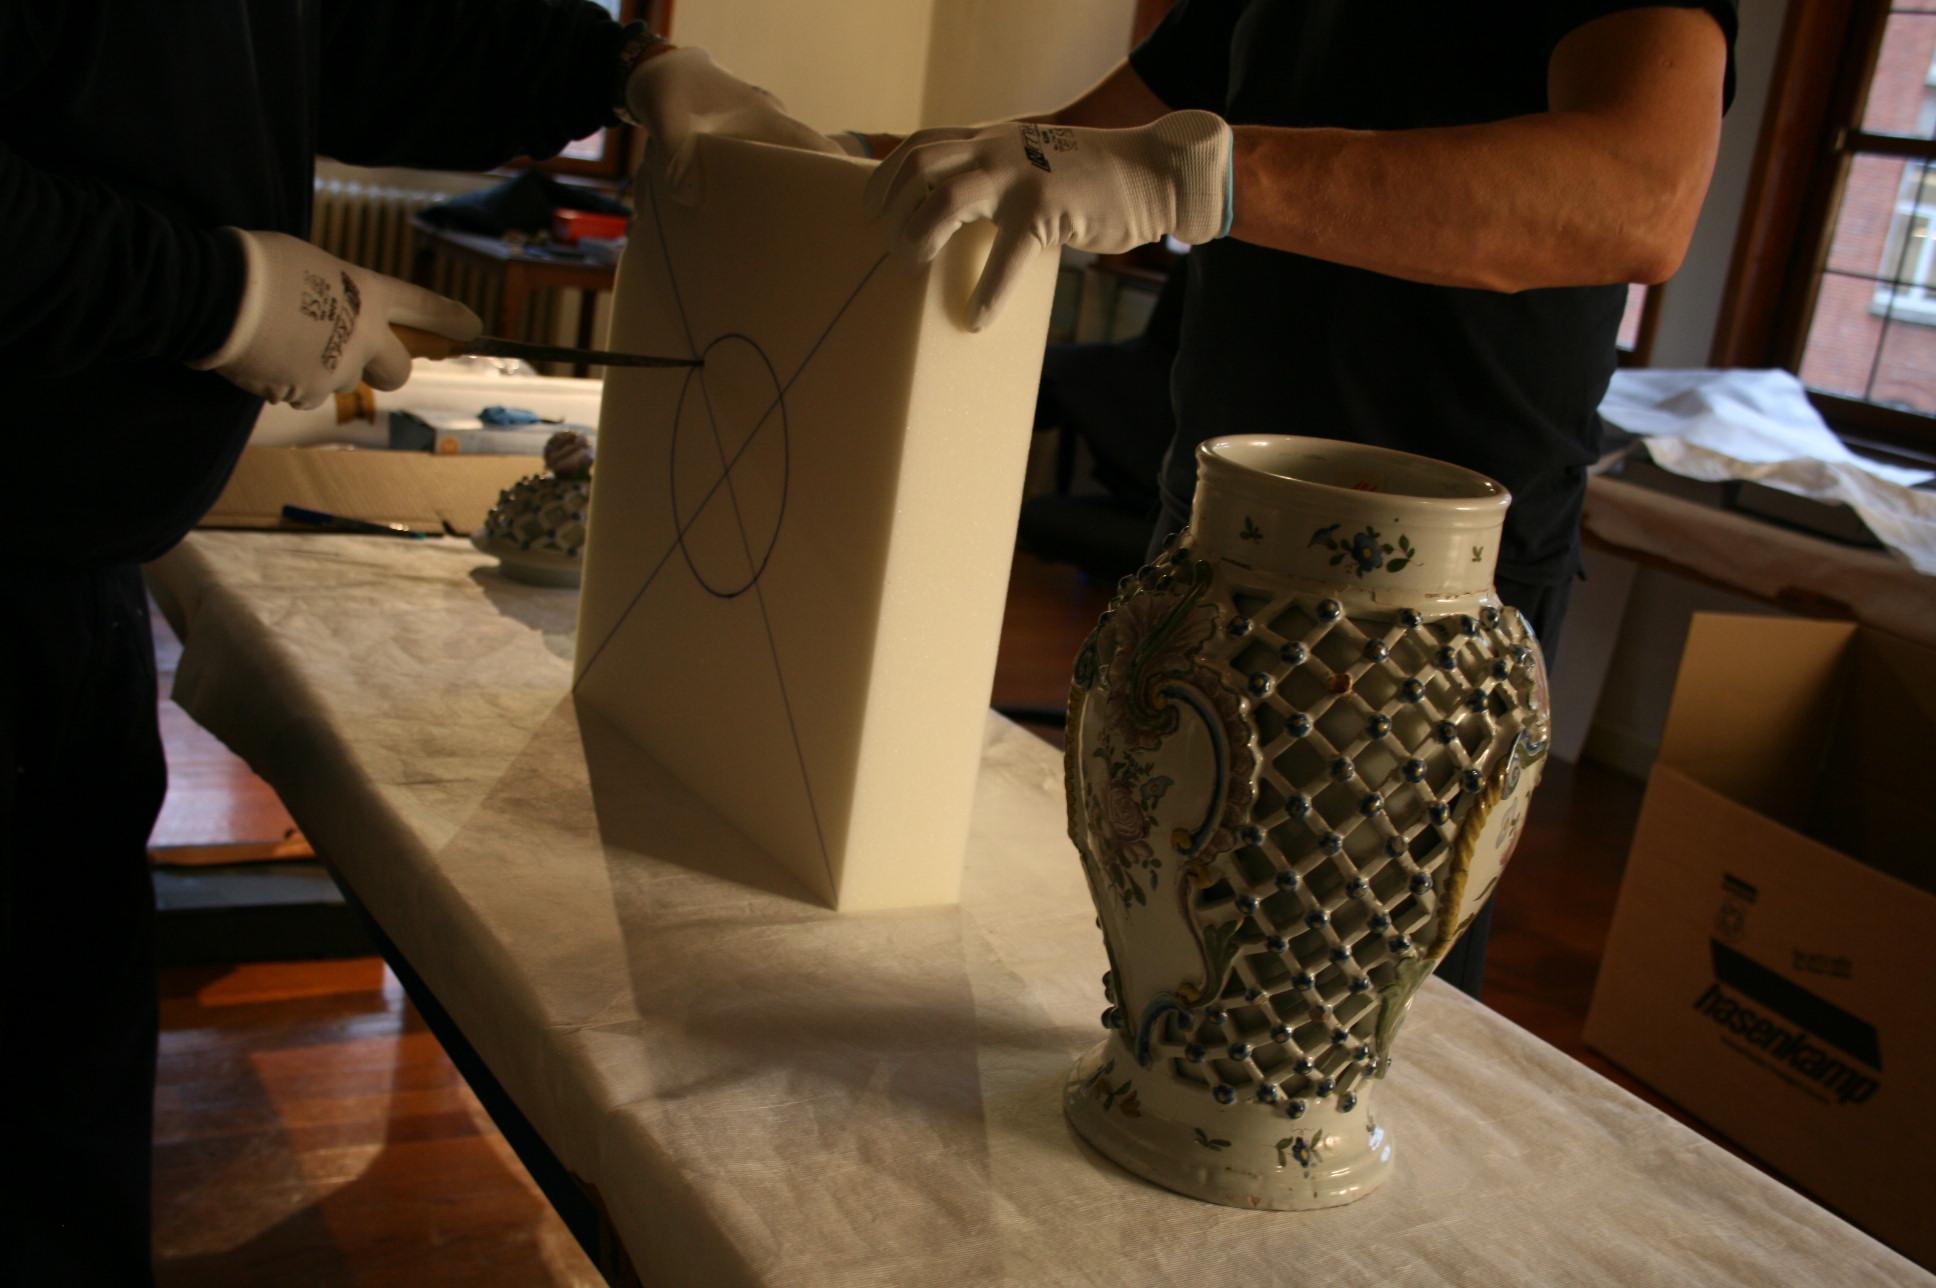 Terrinen, Vasen und Potpourris